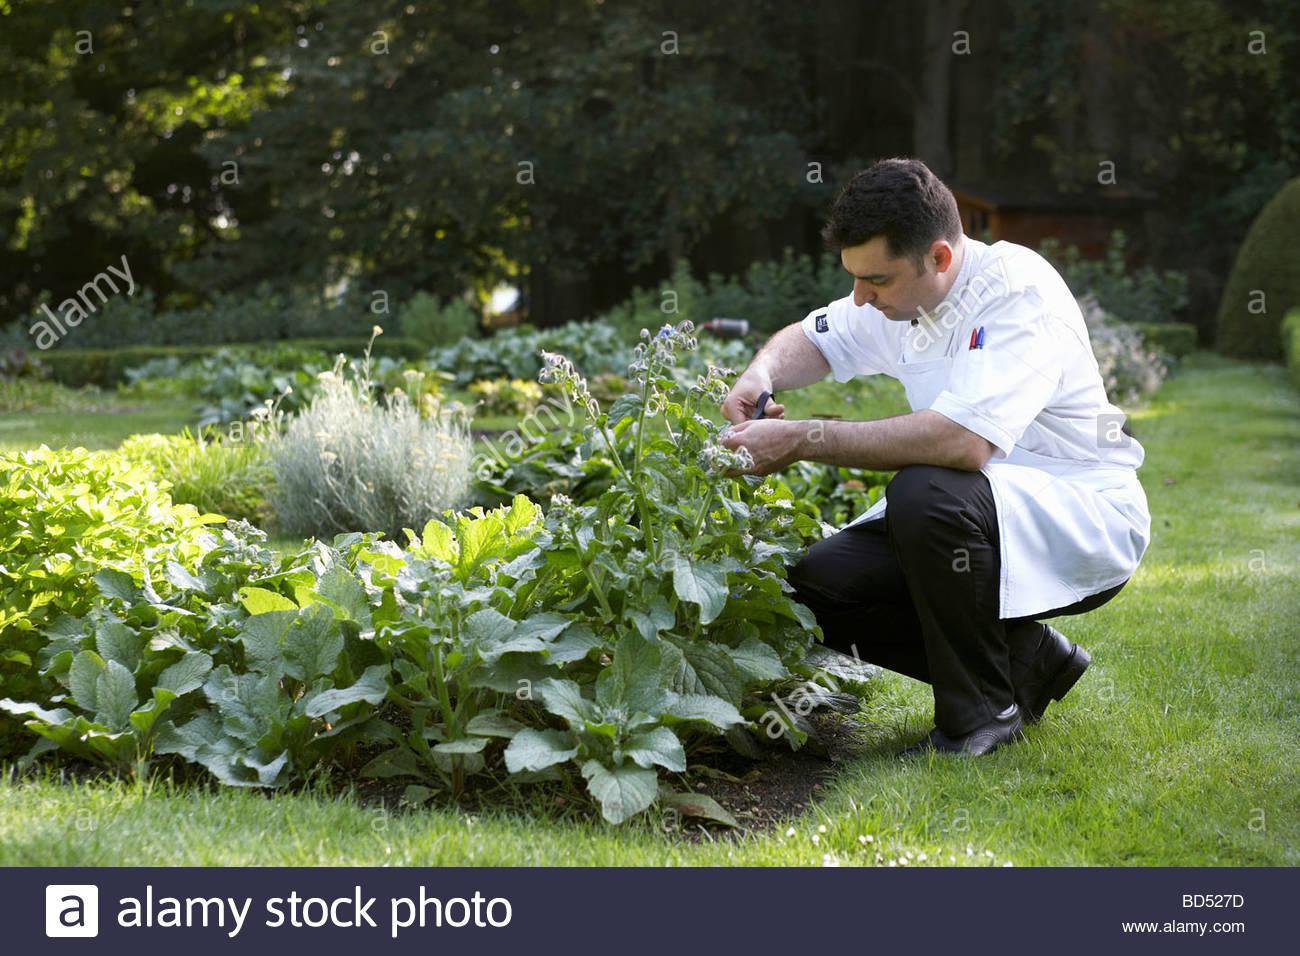 Chef Garden: Chef Picking Herbs In Garden Stock Photo: 25312433